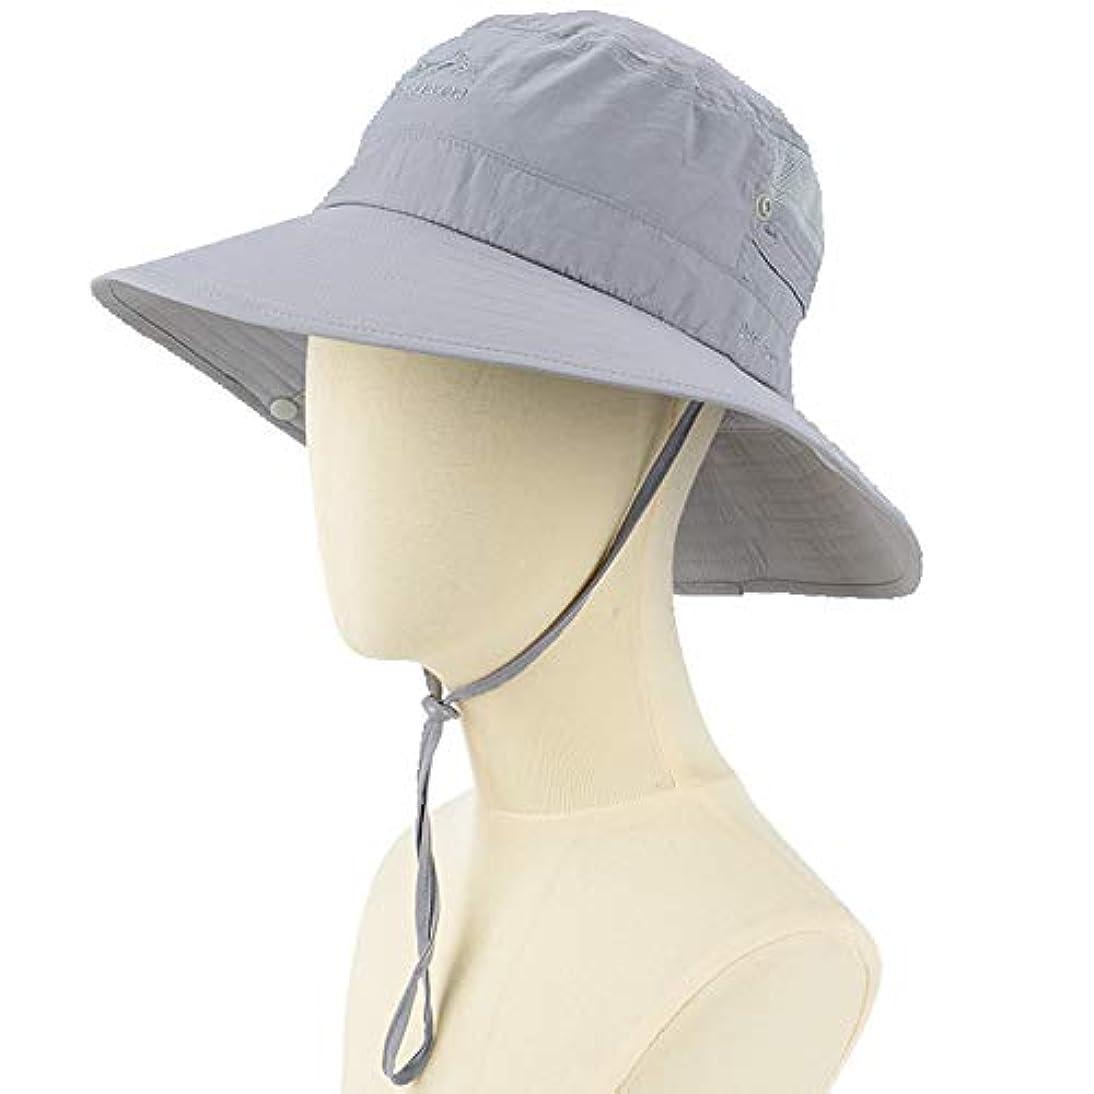 海賊属する災害ファッション夏アウトドア太陽保護キャップ。Wide Brim Summer Hat for釣りハイキング、キャンプ、ボート、& Outdoor Adventures。通気性ポリエステルwithメッシュ。UPF 50保護forメンズ&レディース